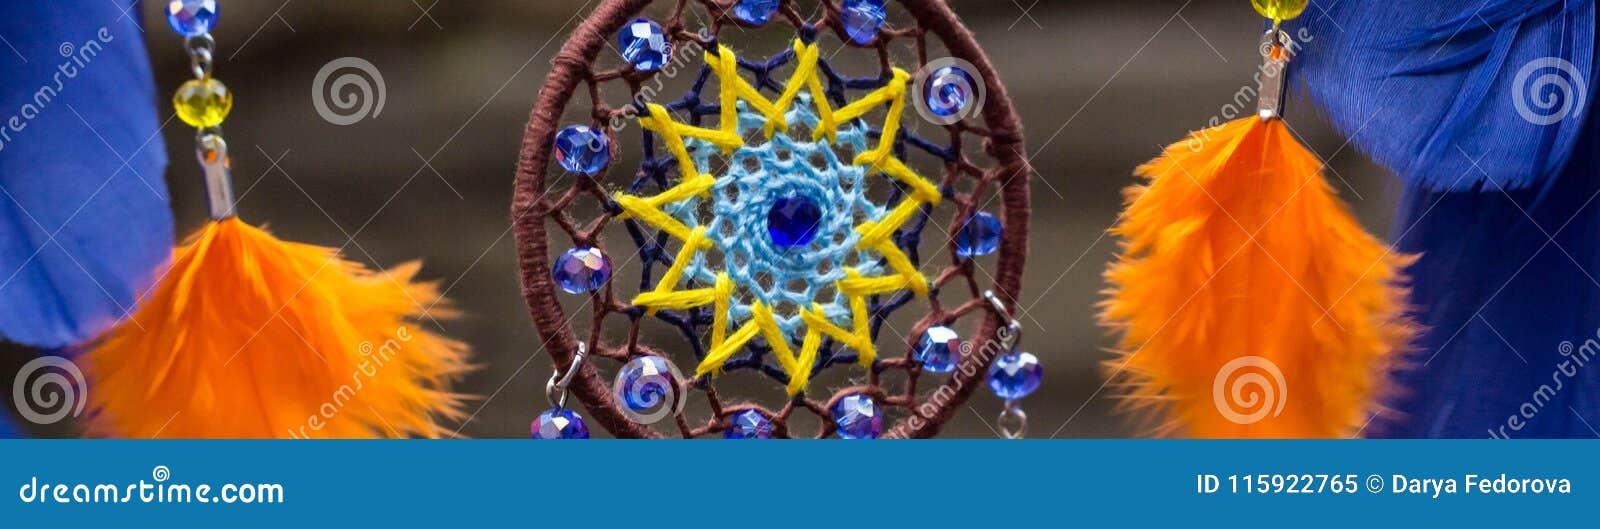 Banret av den handgjorda dröm- stopparen med fjädrar dragar och pryder med pärlor att hänga för rep